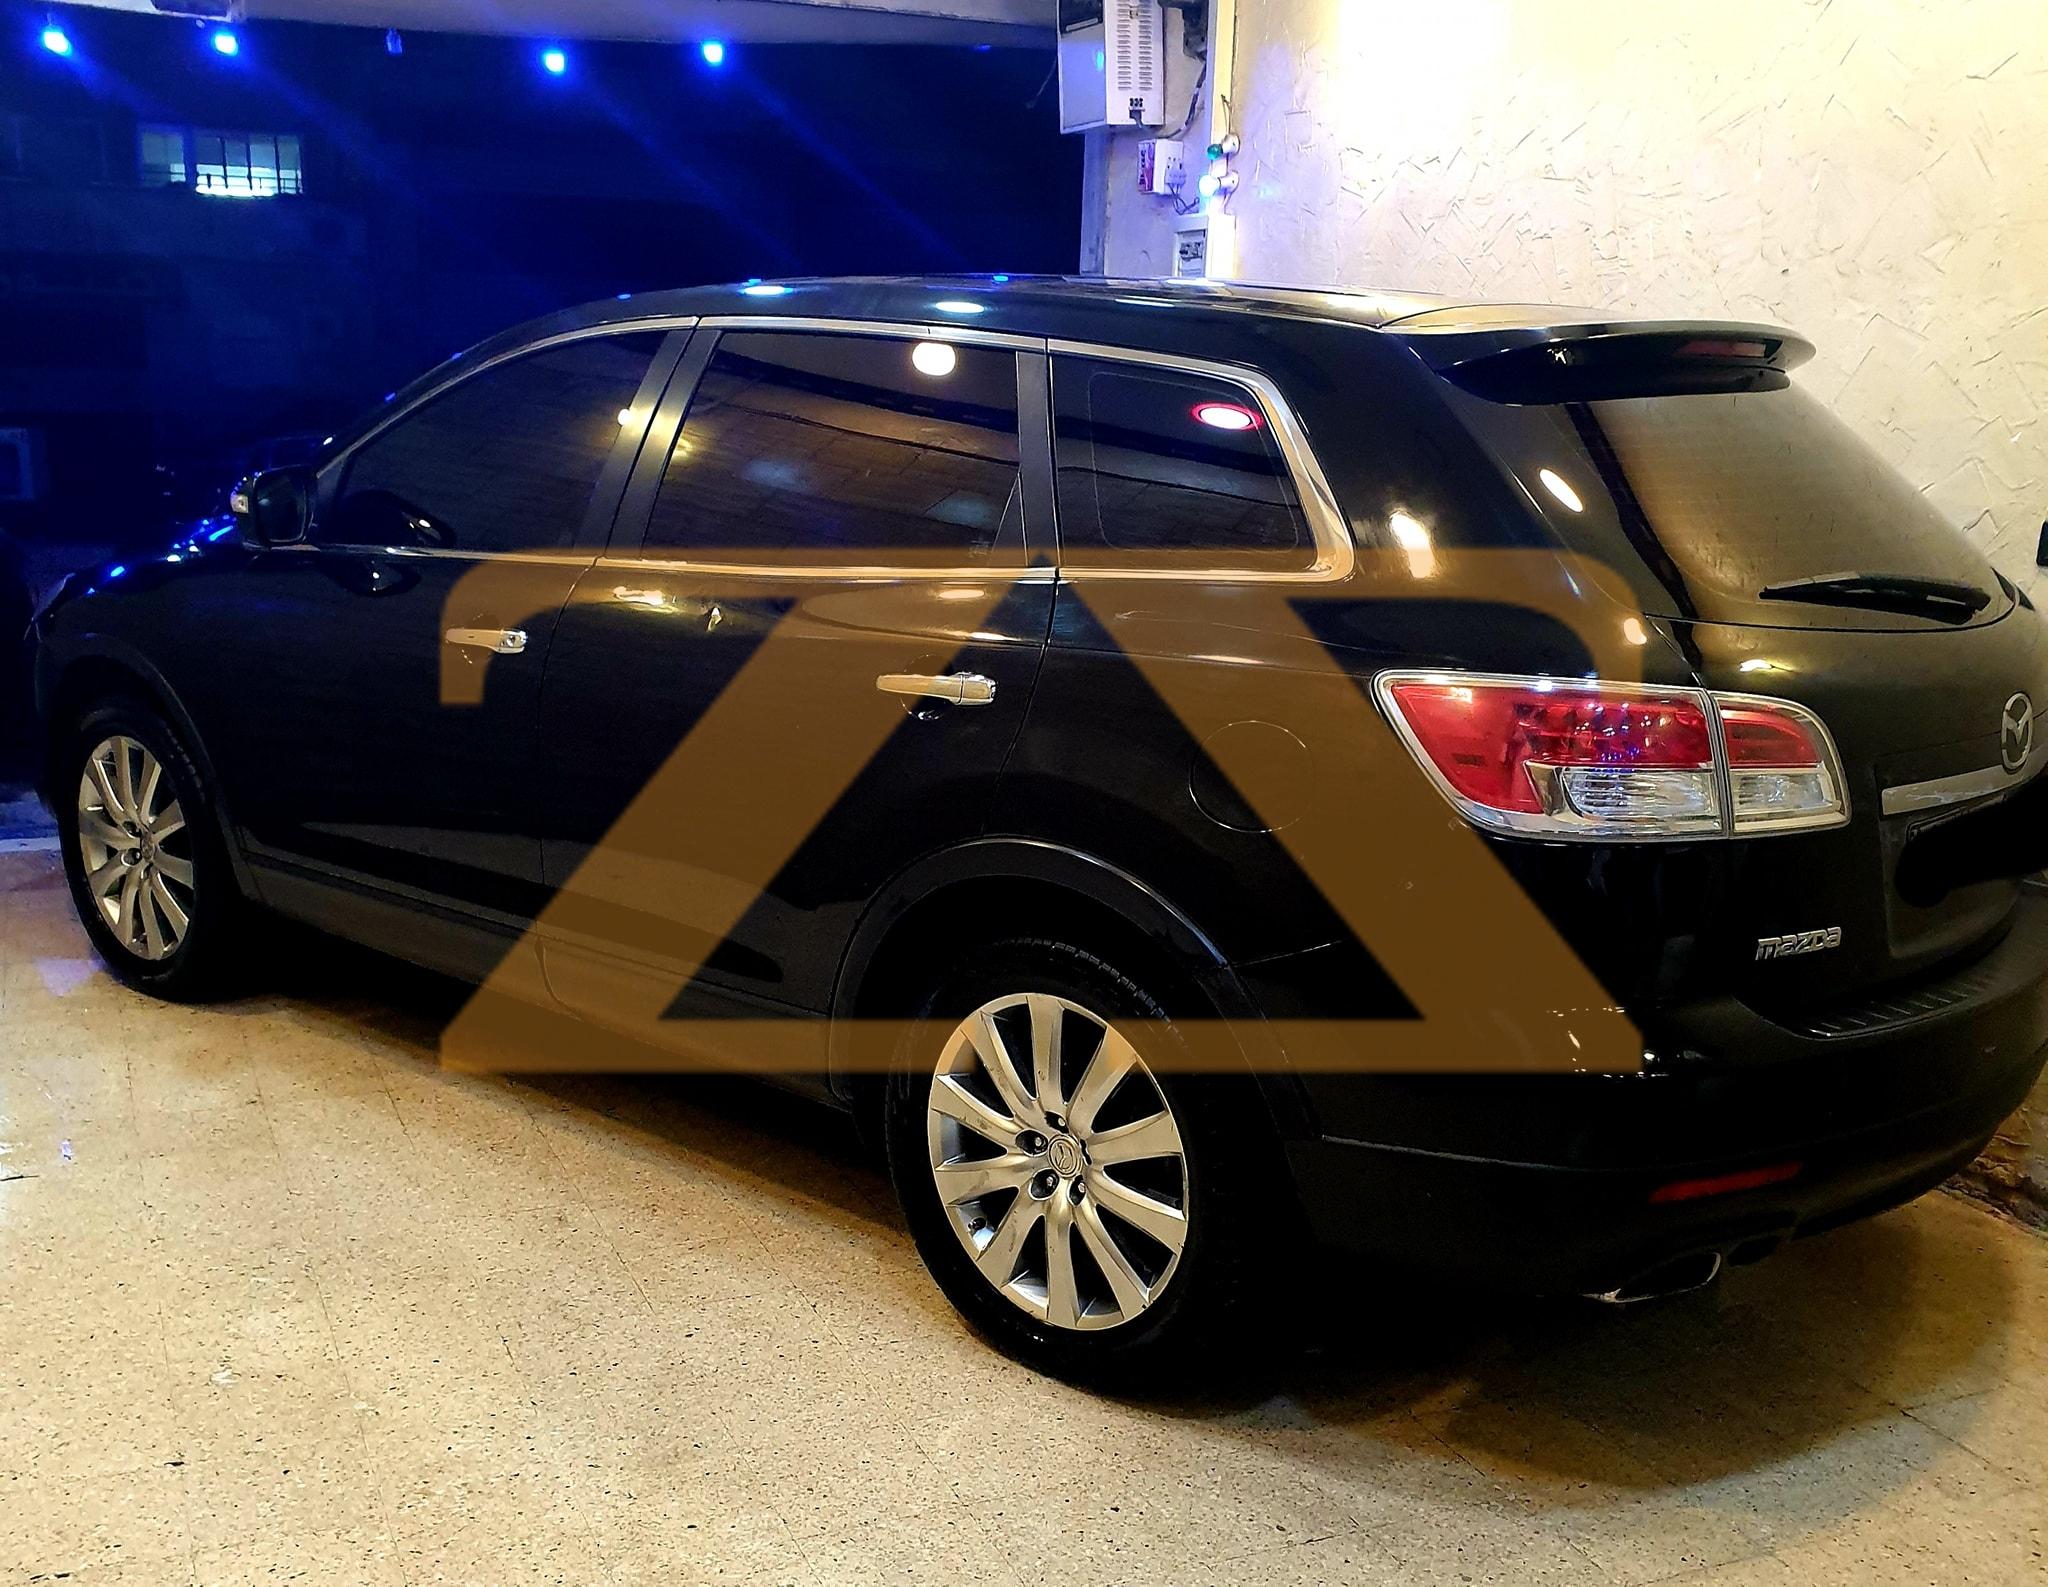 للبيع في دمشق سيارة مازدا cx